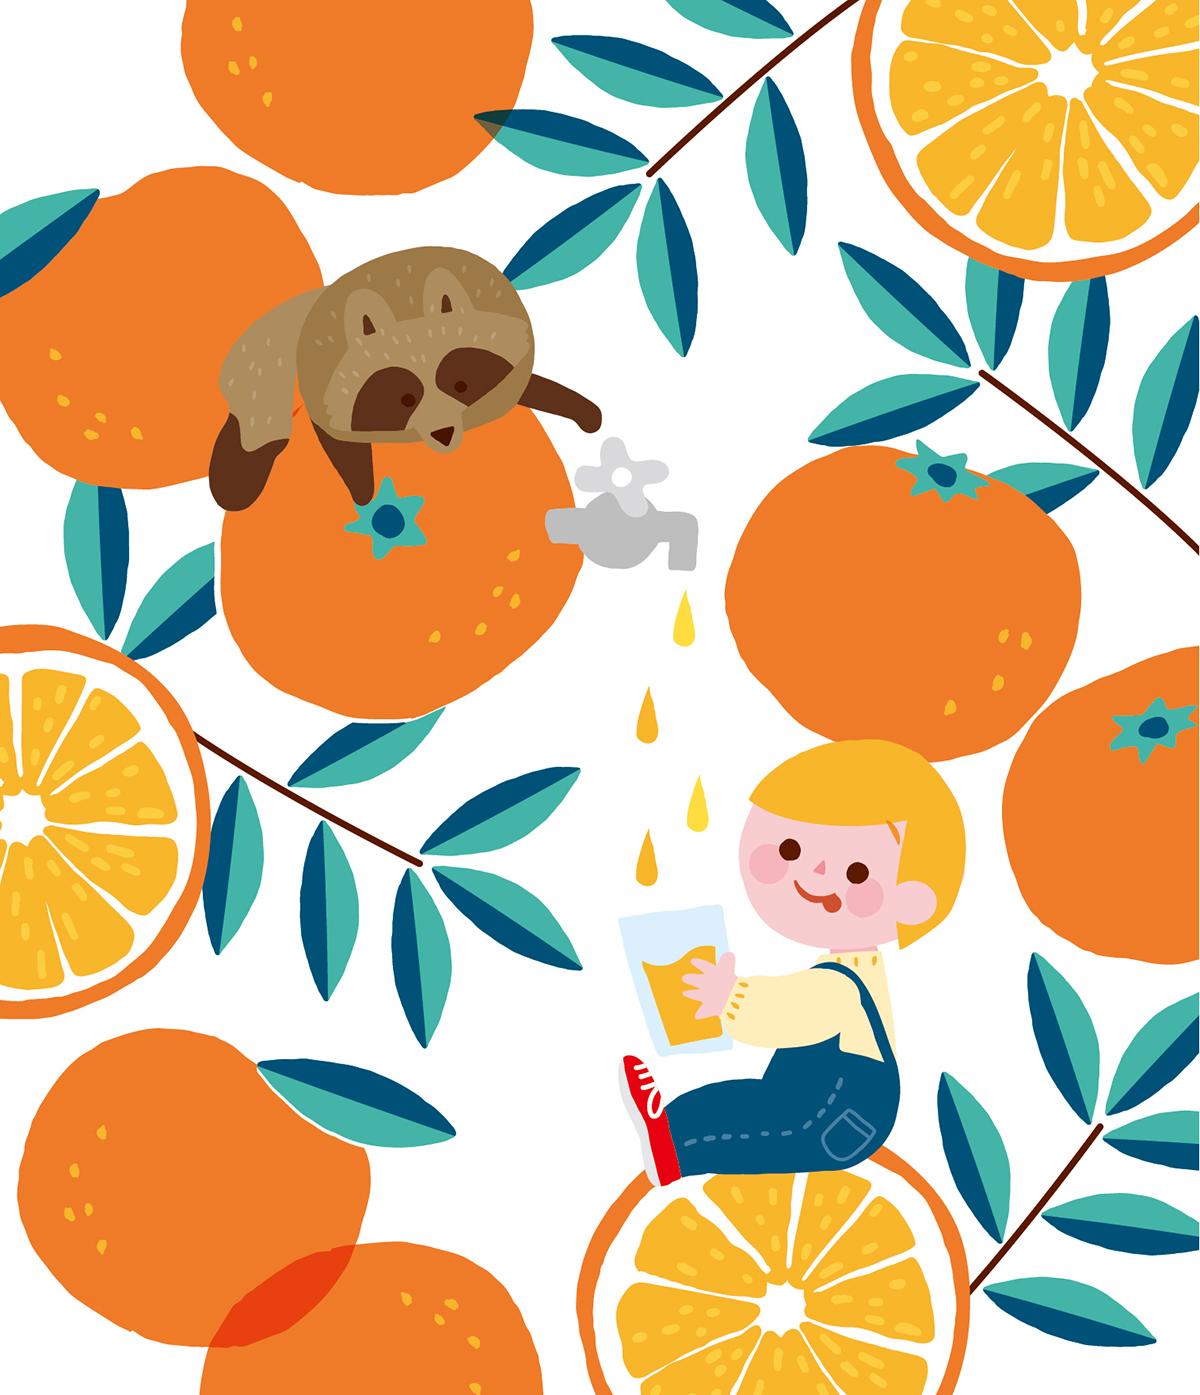 搾りたてのオレンジジュースを飲む男の子